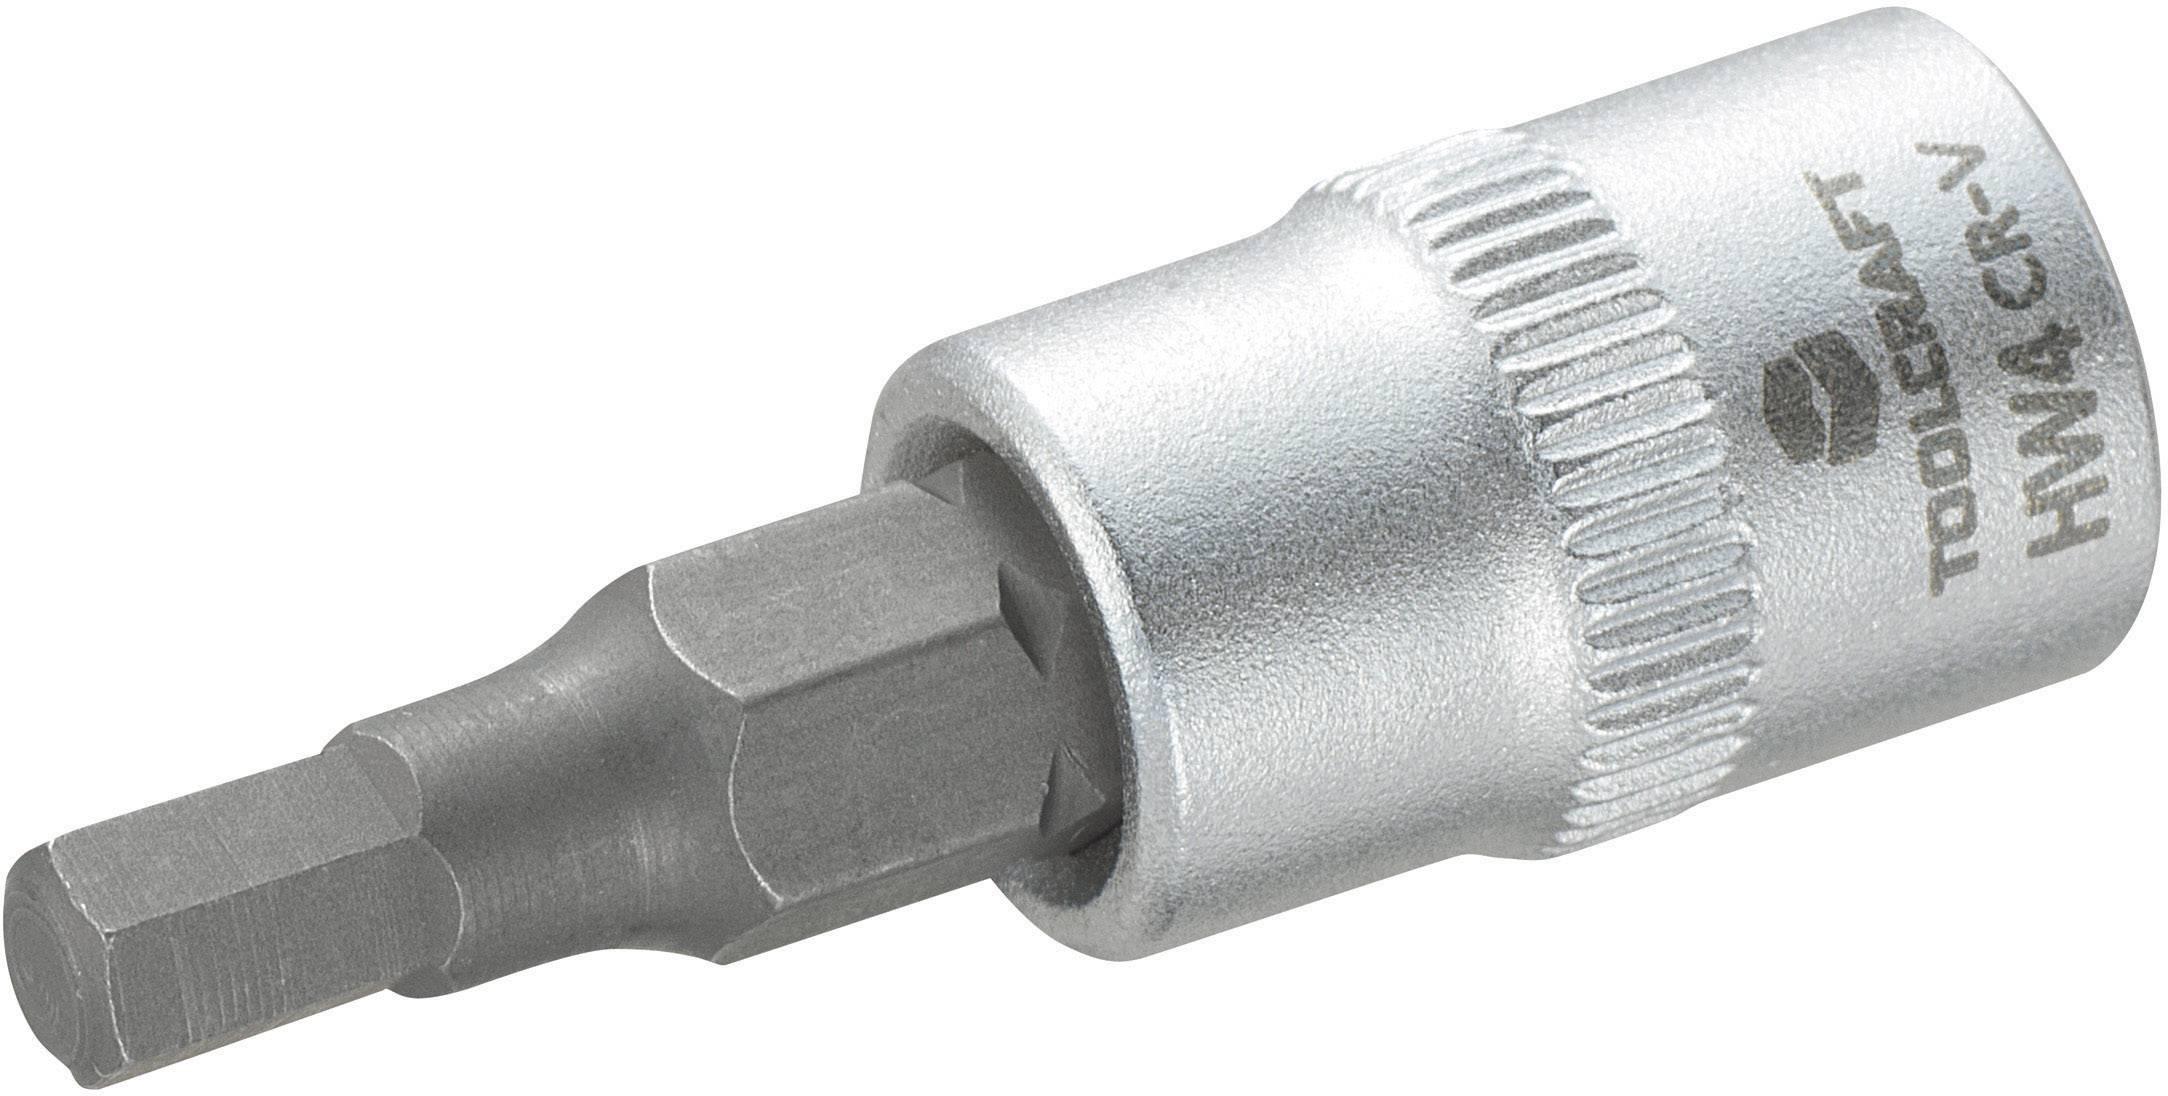 """Nástrčný kľúč TOOLCRAFT 816069, inbus, 1/4"""" (6,3 mm), 4 mm, chróm-vanadiová oceľ"""